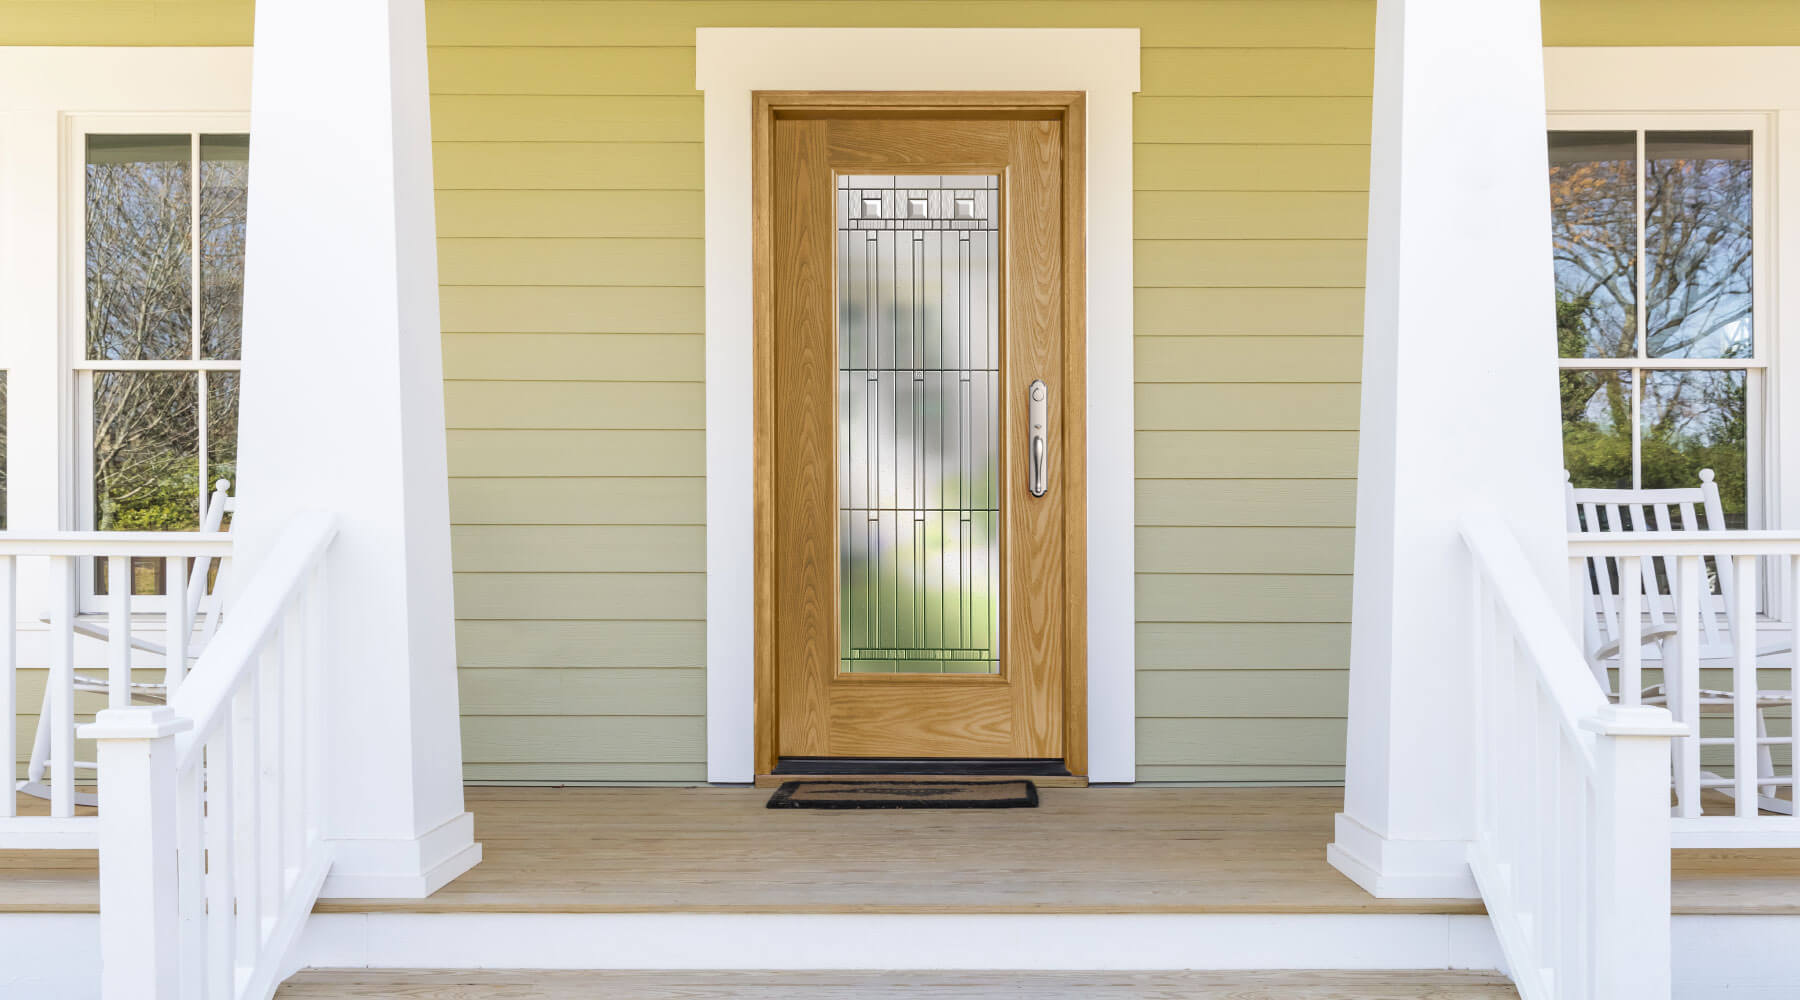 Replacement Entry Door Options Pella